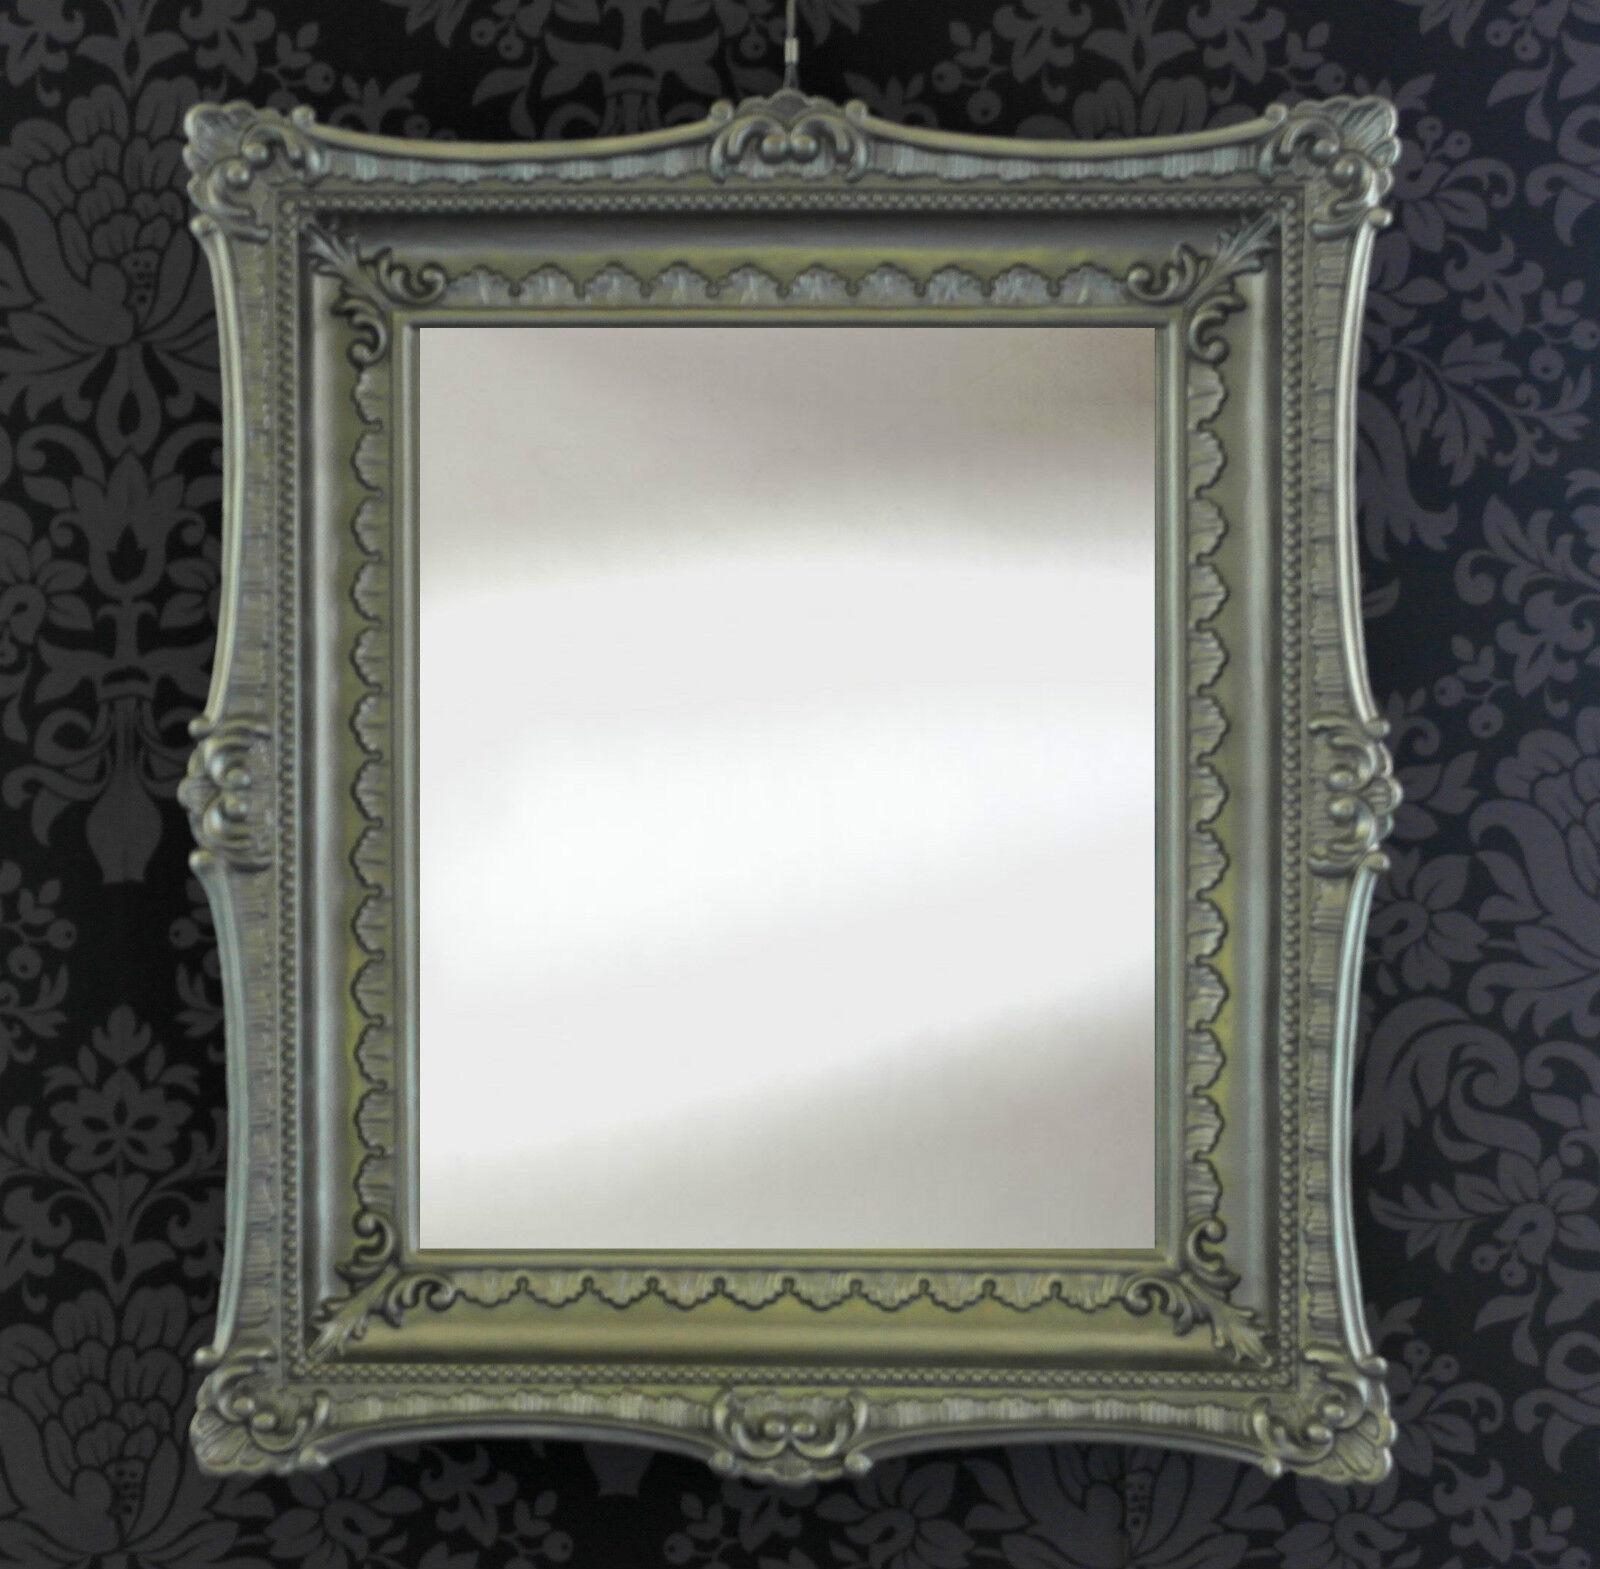 Wandspiegel antik rokoko 70x60 barock repro altsilber for Spiegel 70x60